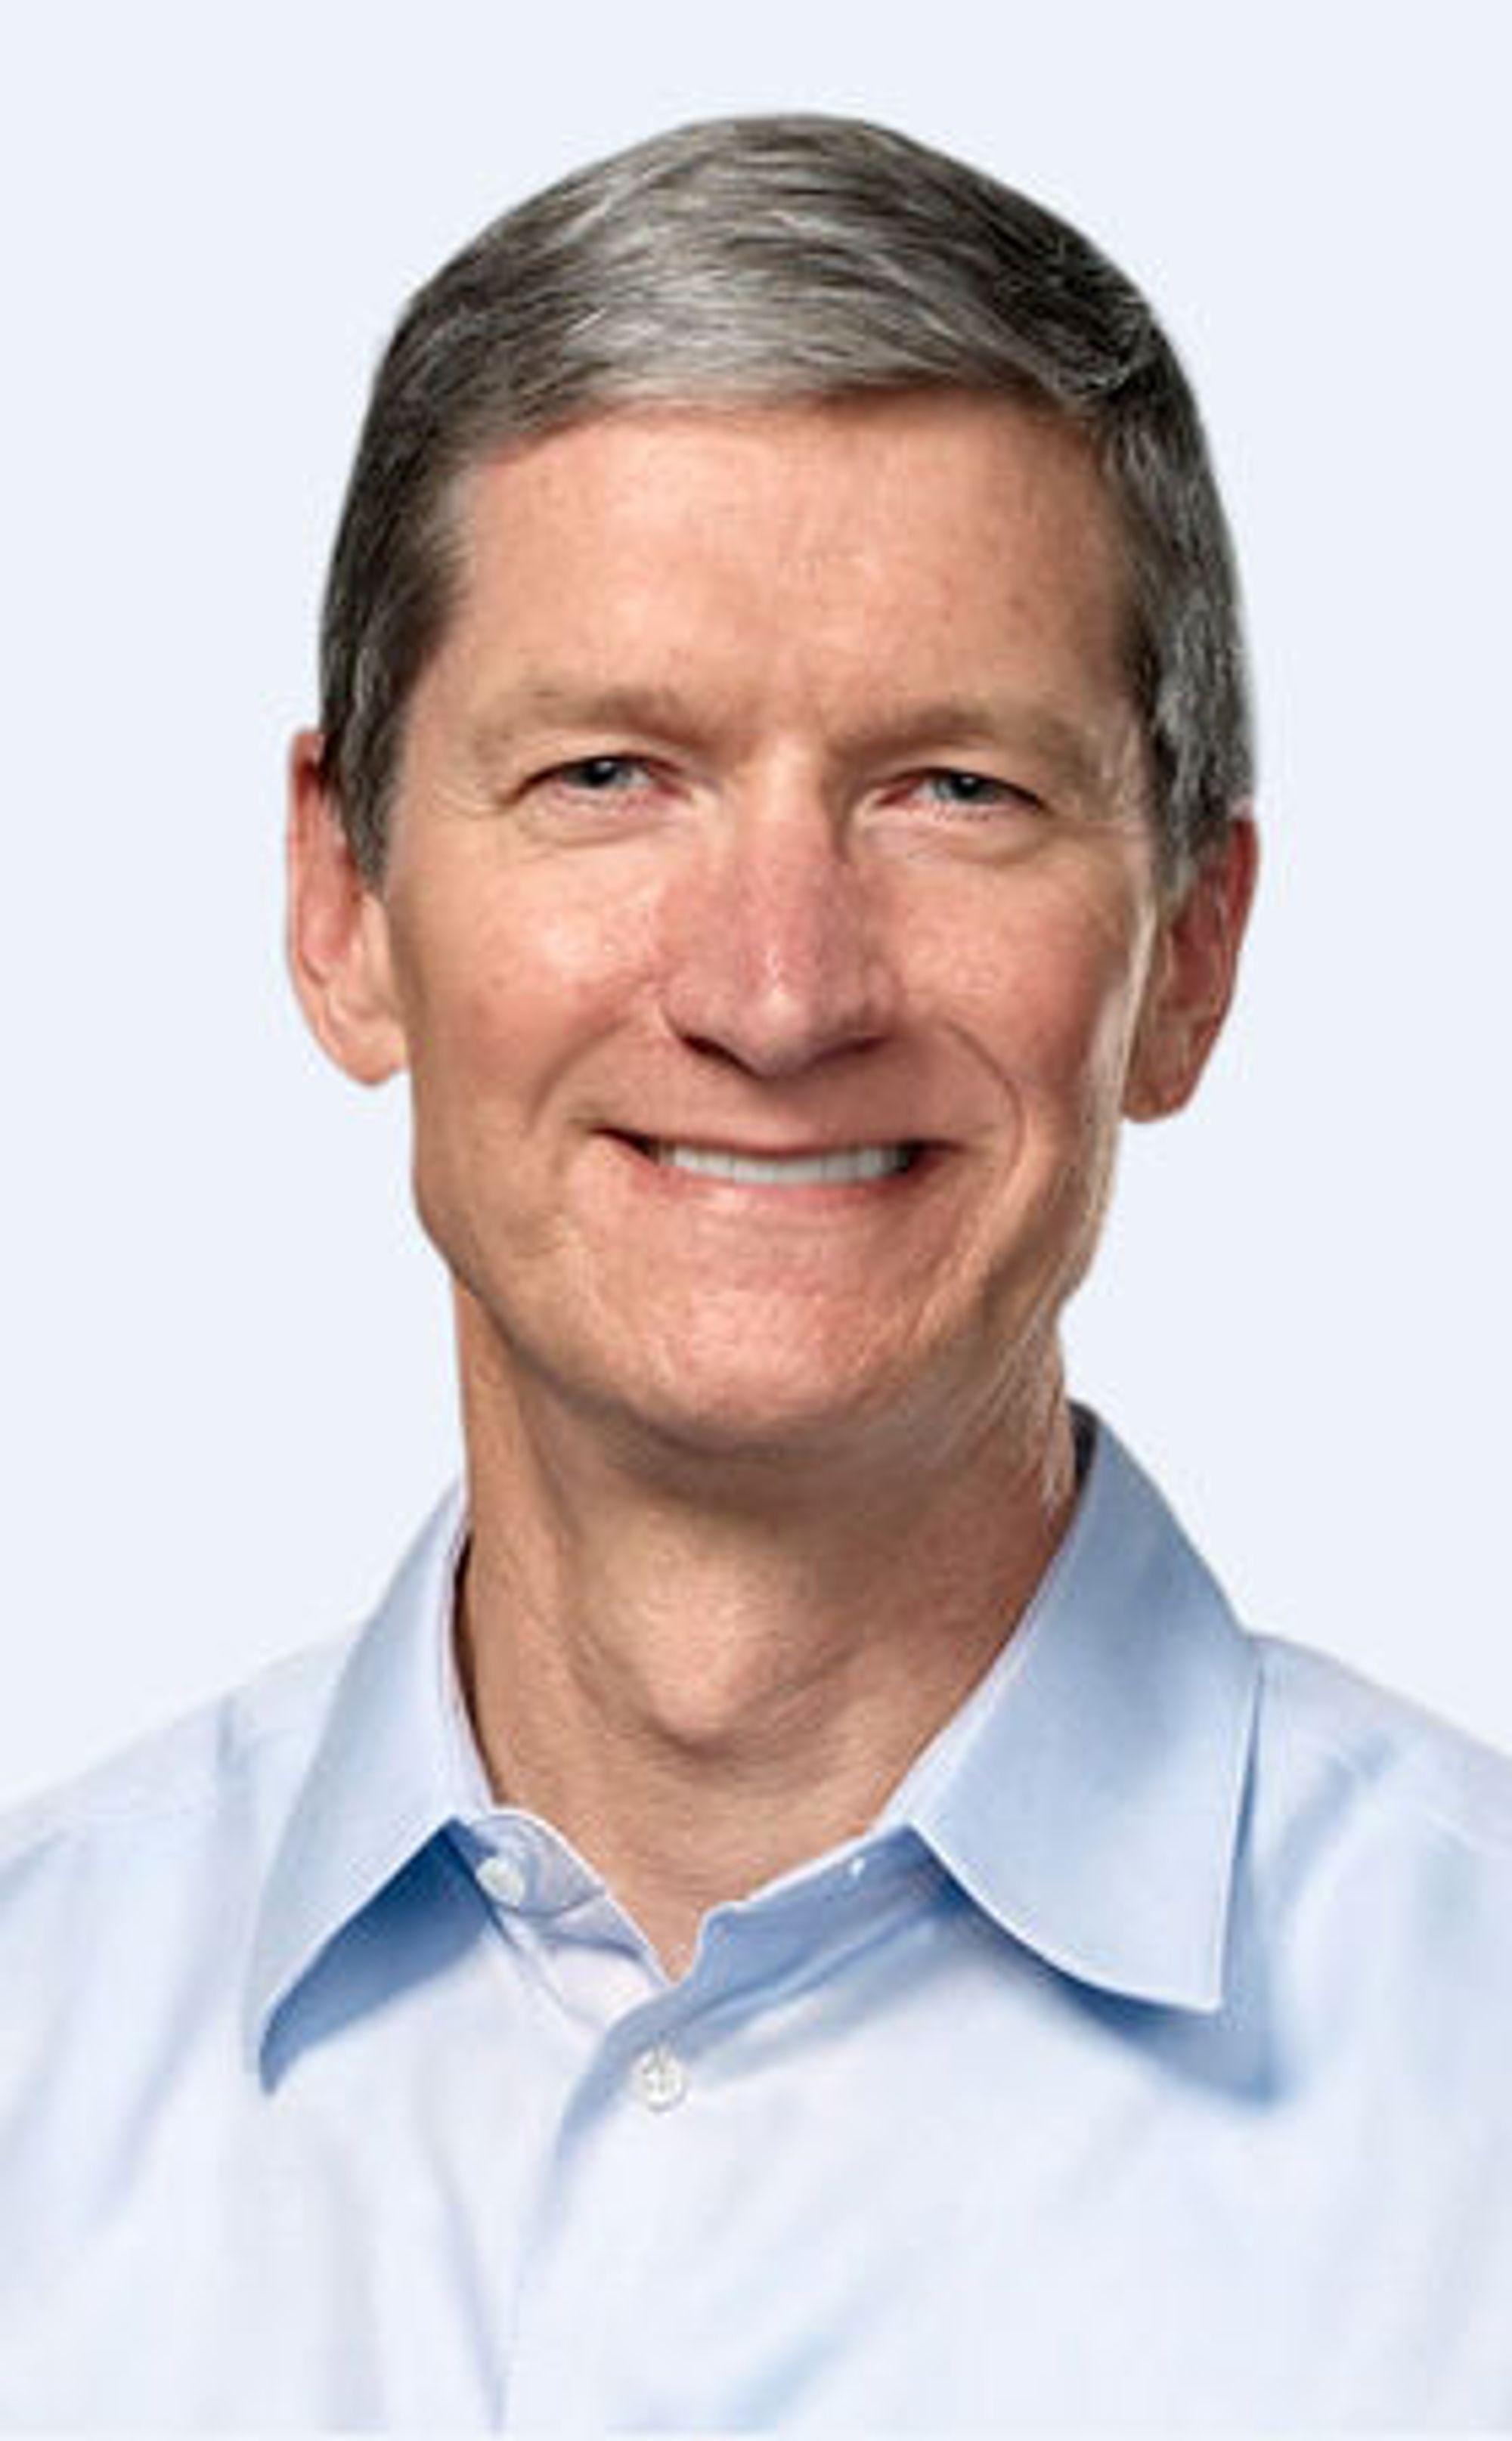 Betingelsene for aksjepakken til Apple-sjef Tim Cook gir styret et enormt insentiv til å kvitte seg med ham innen 24. august 2021.